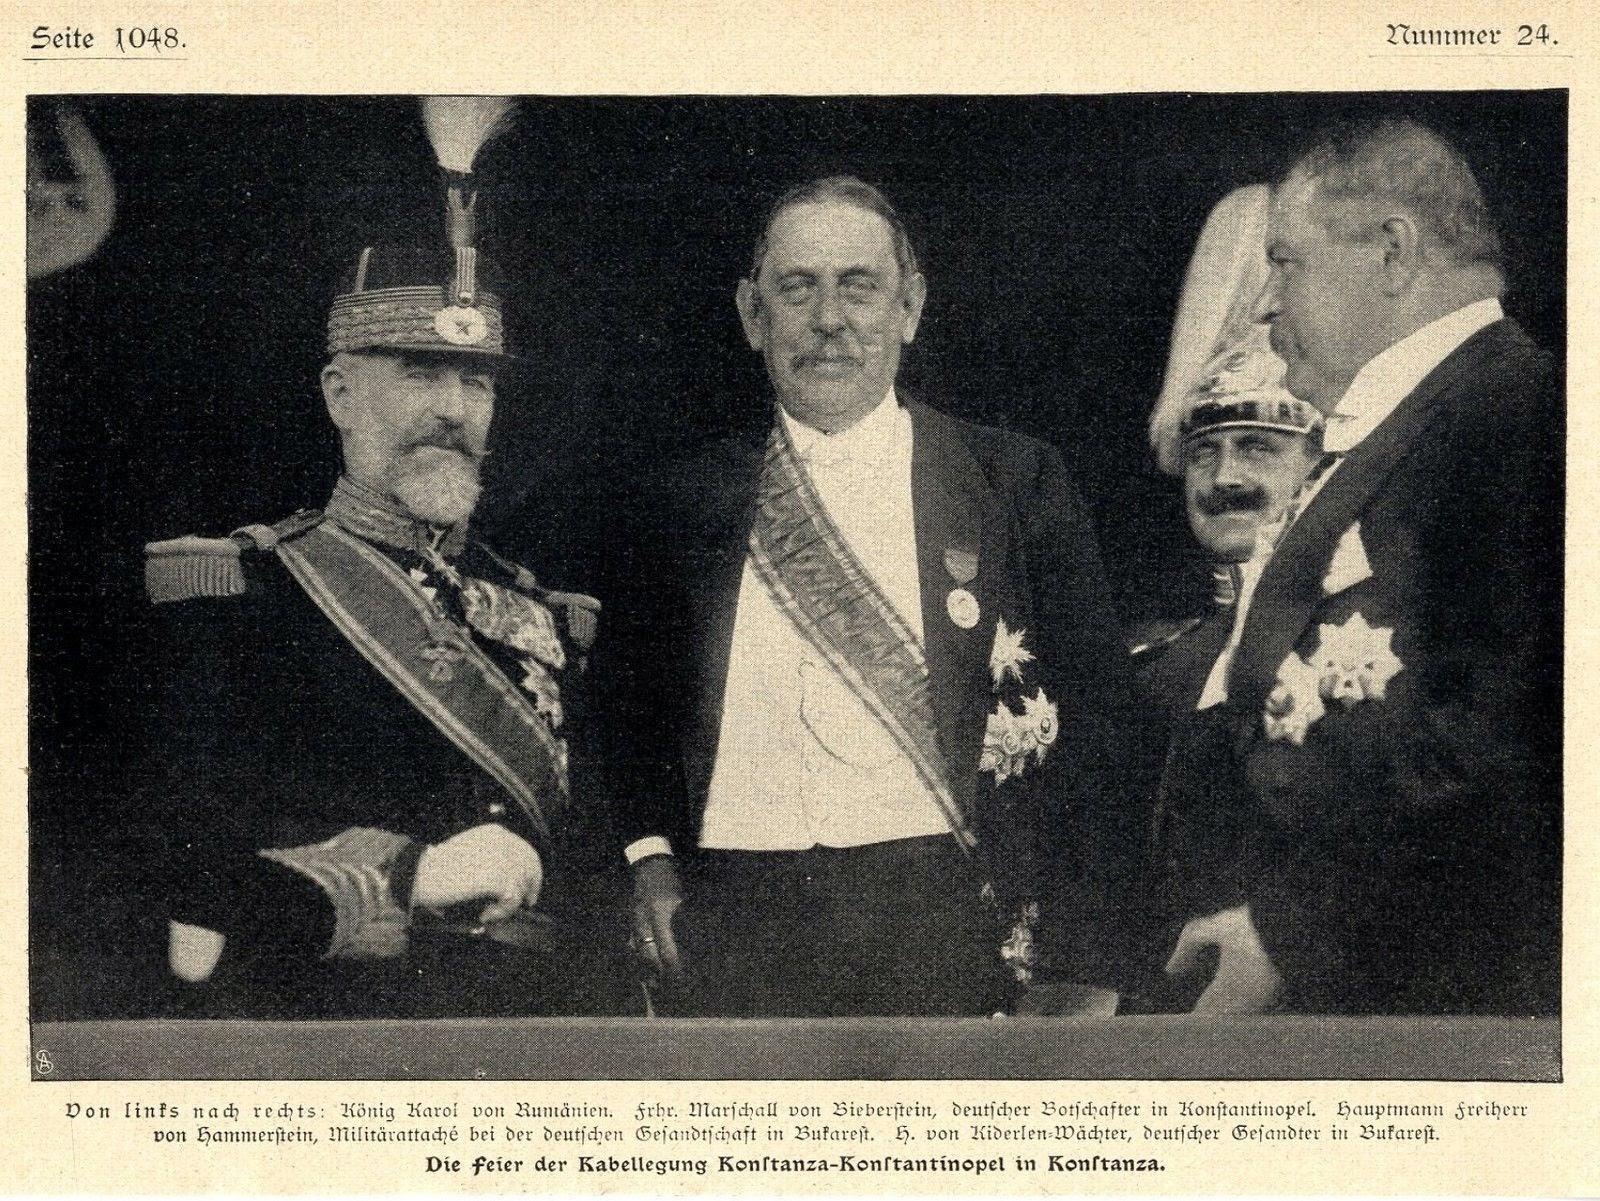 La ceremonia de inaugurare a montării cablului submarin Constanța - Constantinopol au fost prezenți Regele Carol I, directorul poștelor, Cerchez, ambasadorul Kiazim bey, ambasadorul Kiderlen - Wächter, miniștri și oficialități locale.